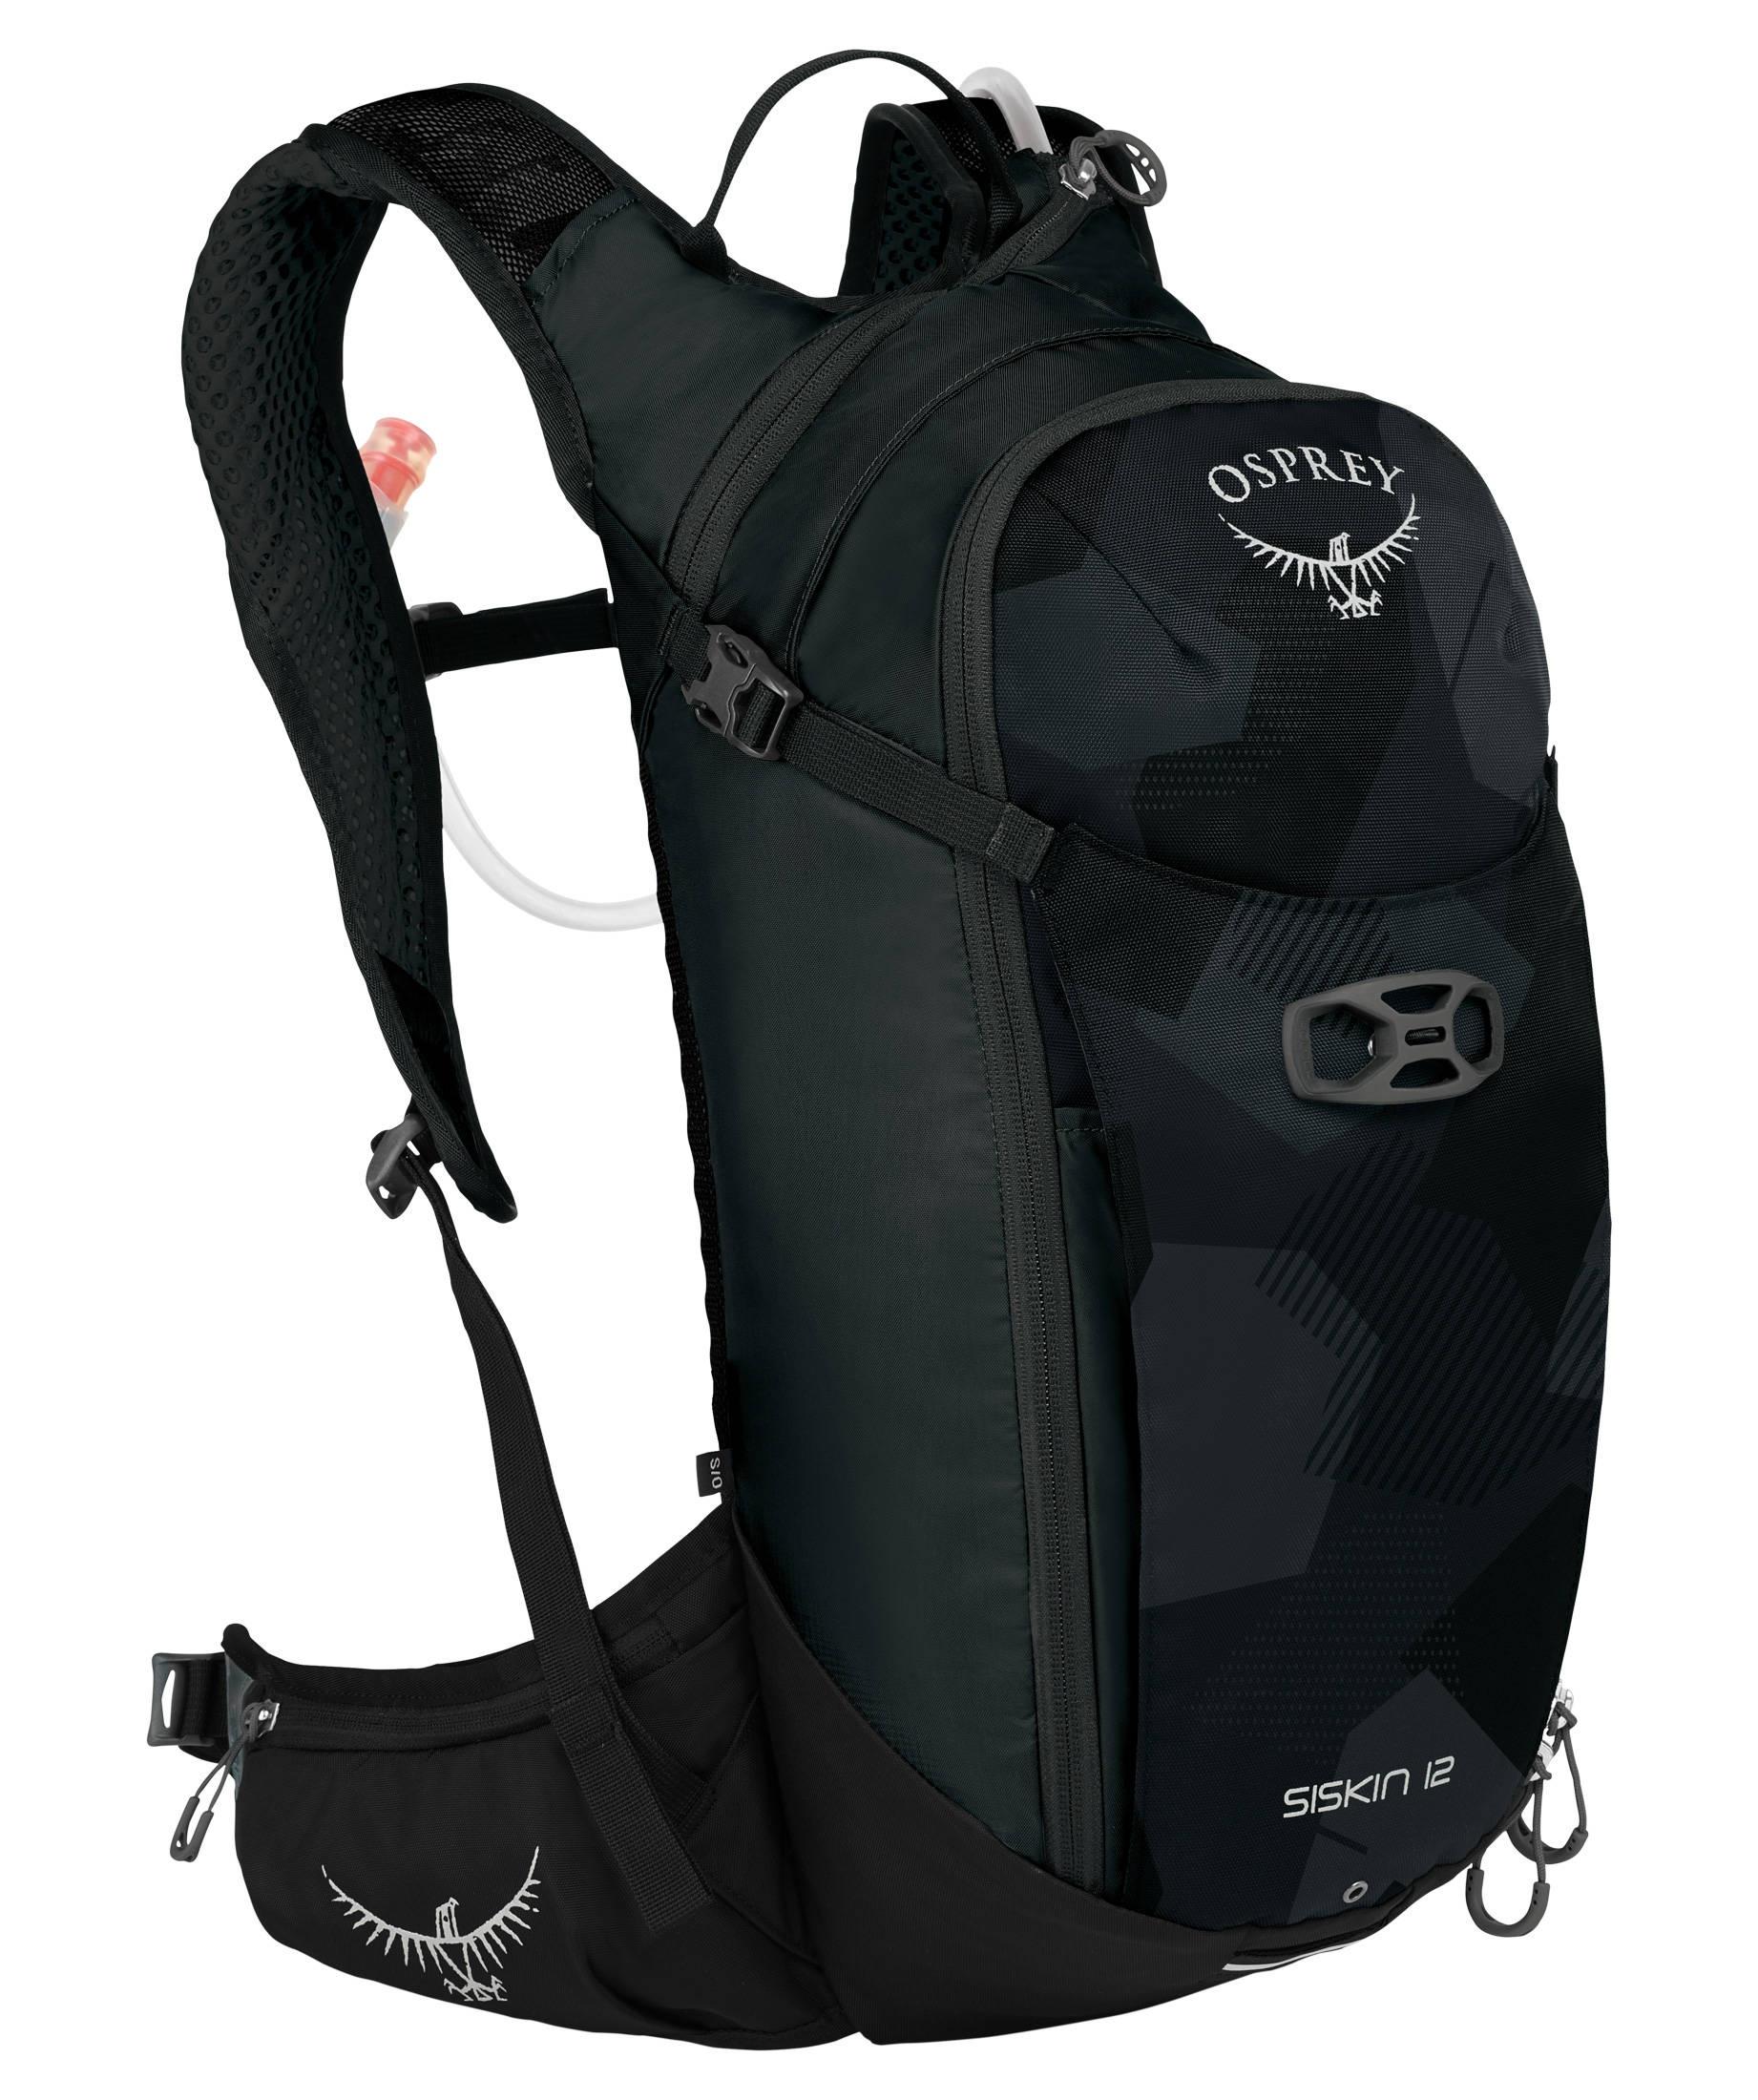 Welchen Rucksack zum wandern?